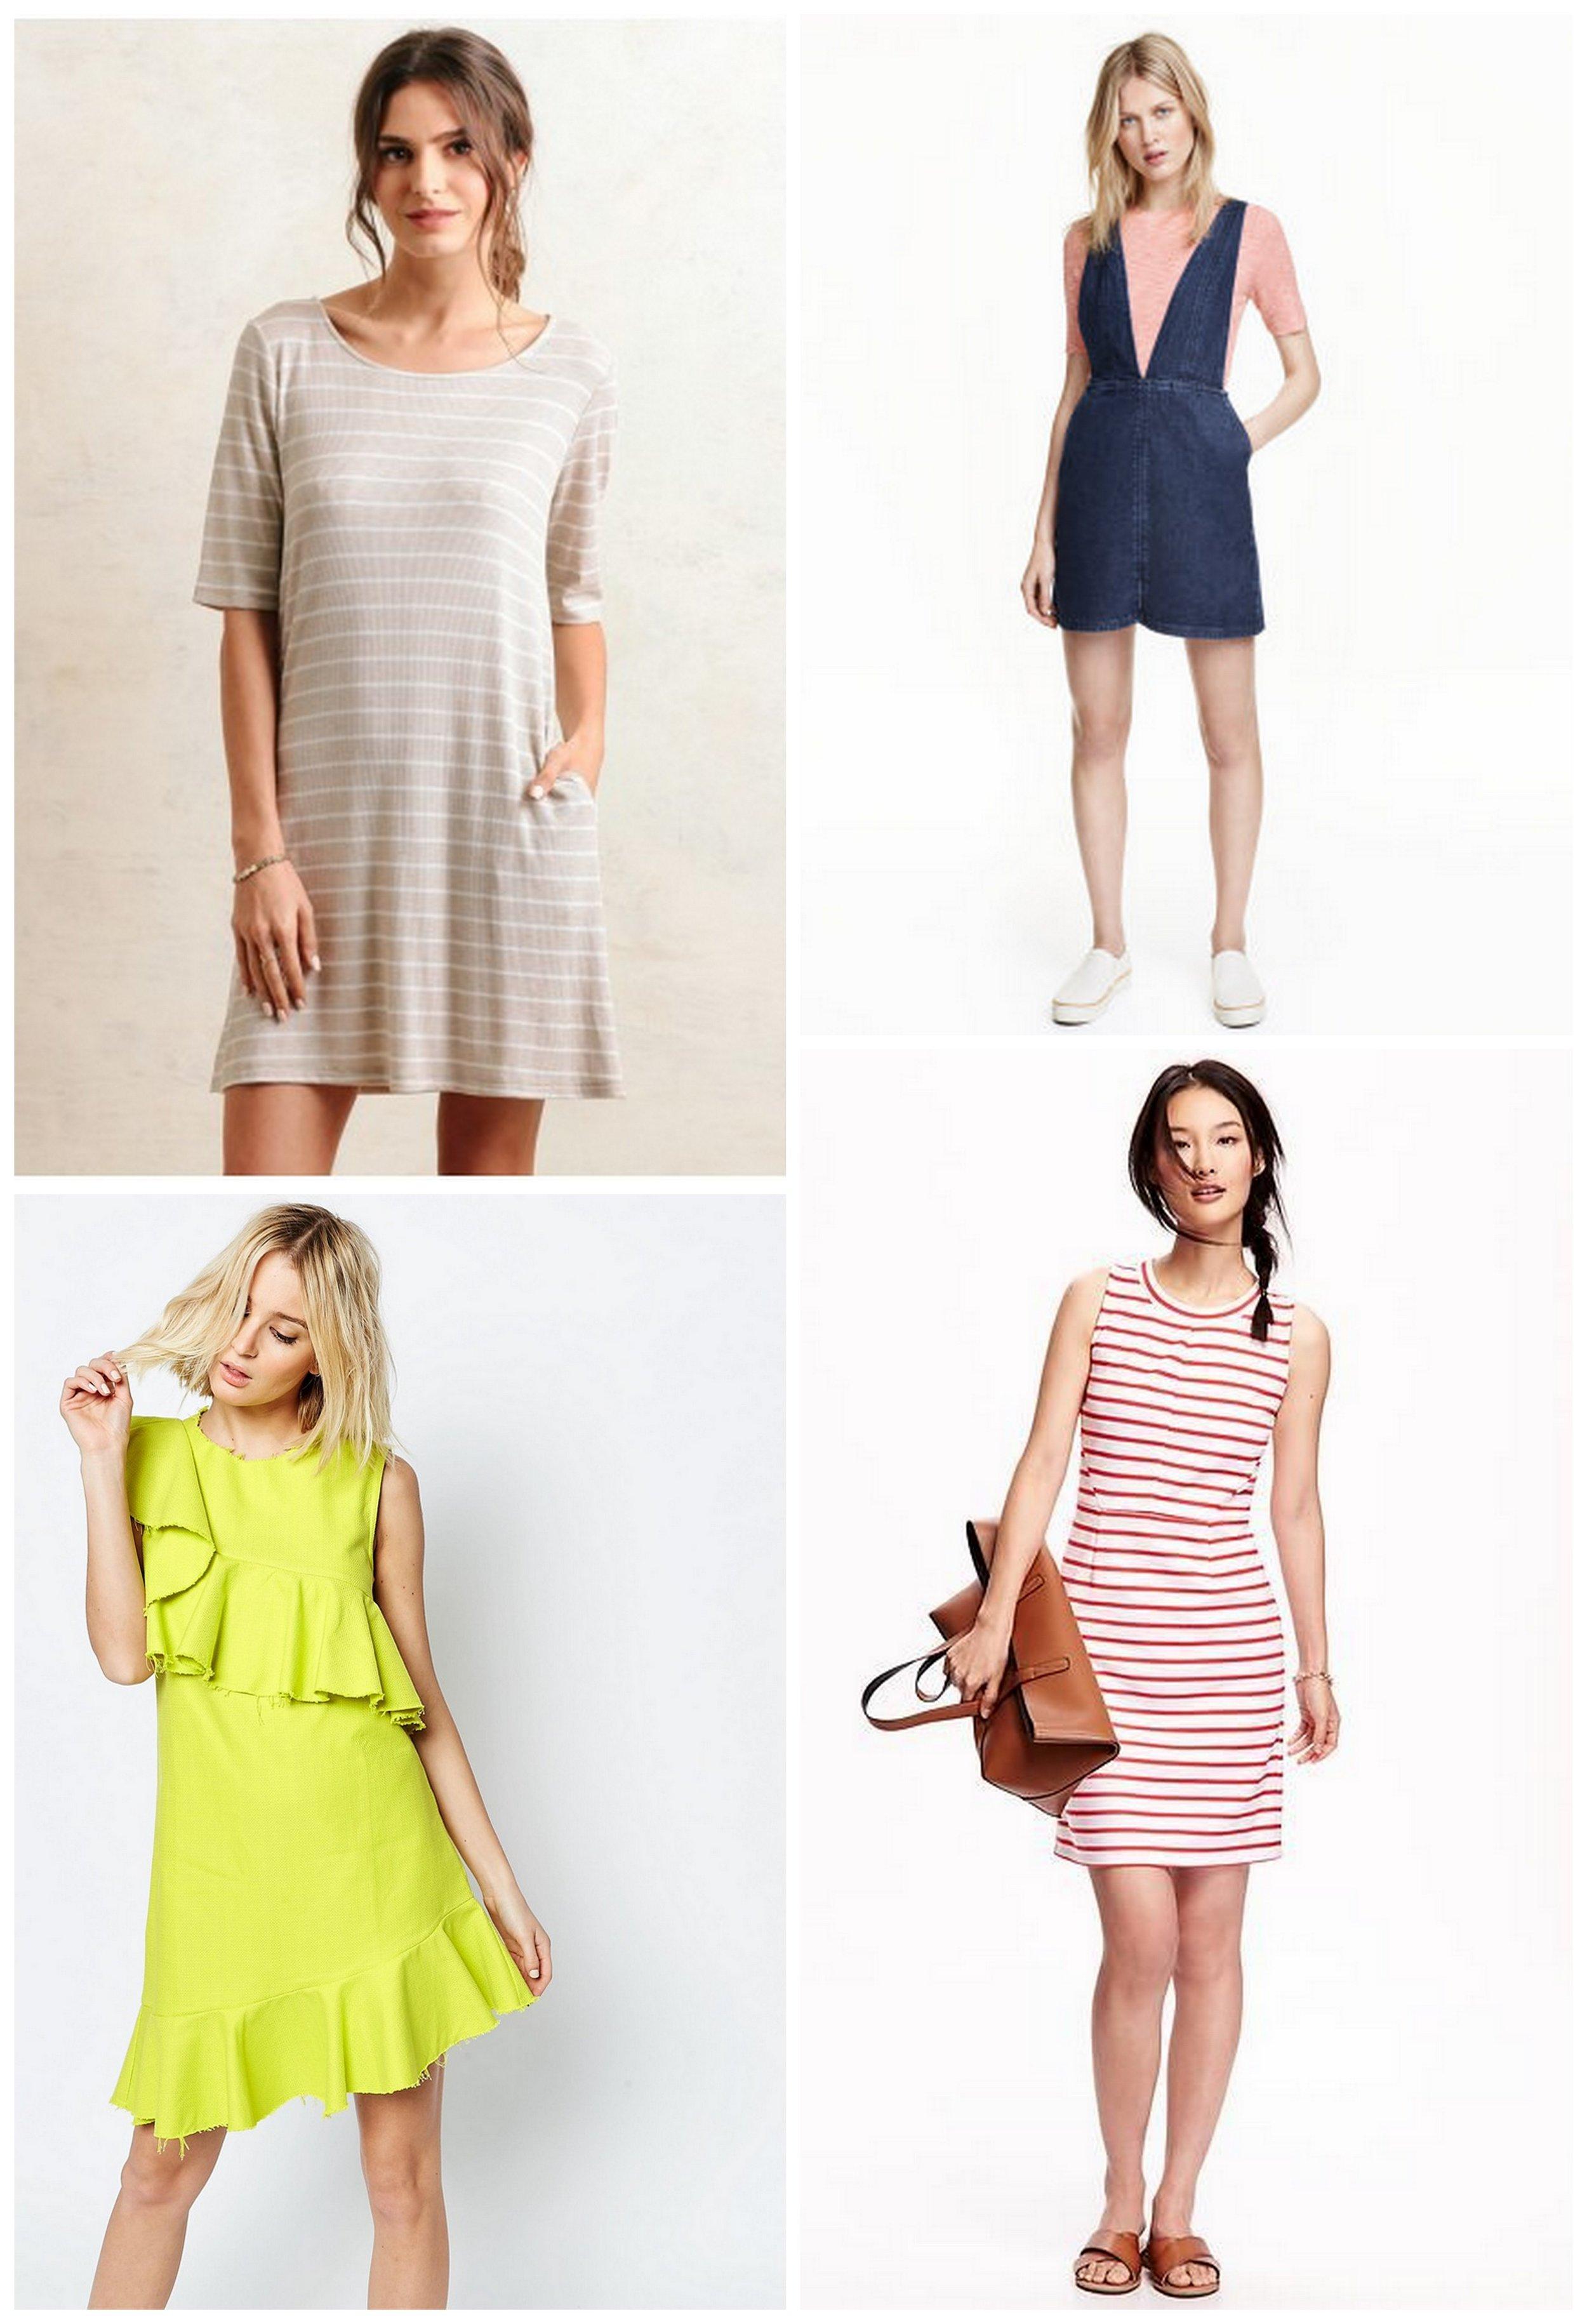 4 Dresses for Spring | Cassia & Co.